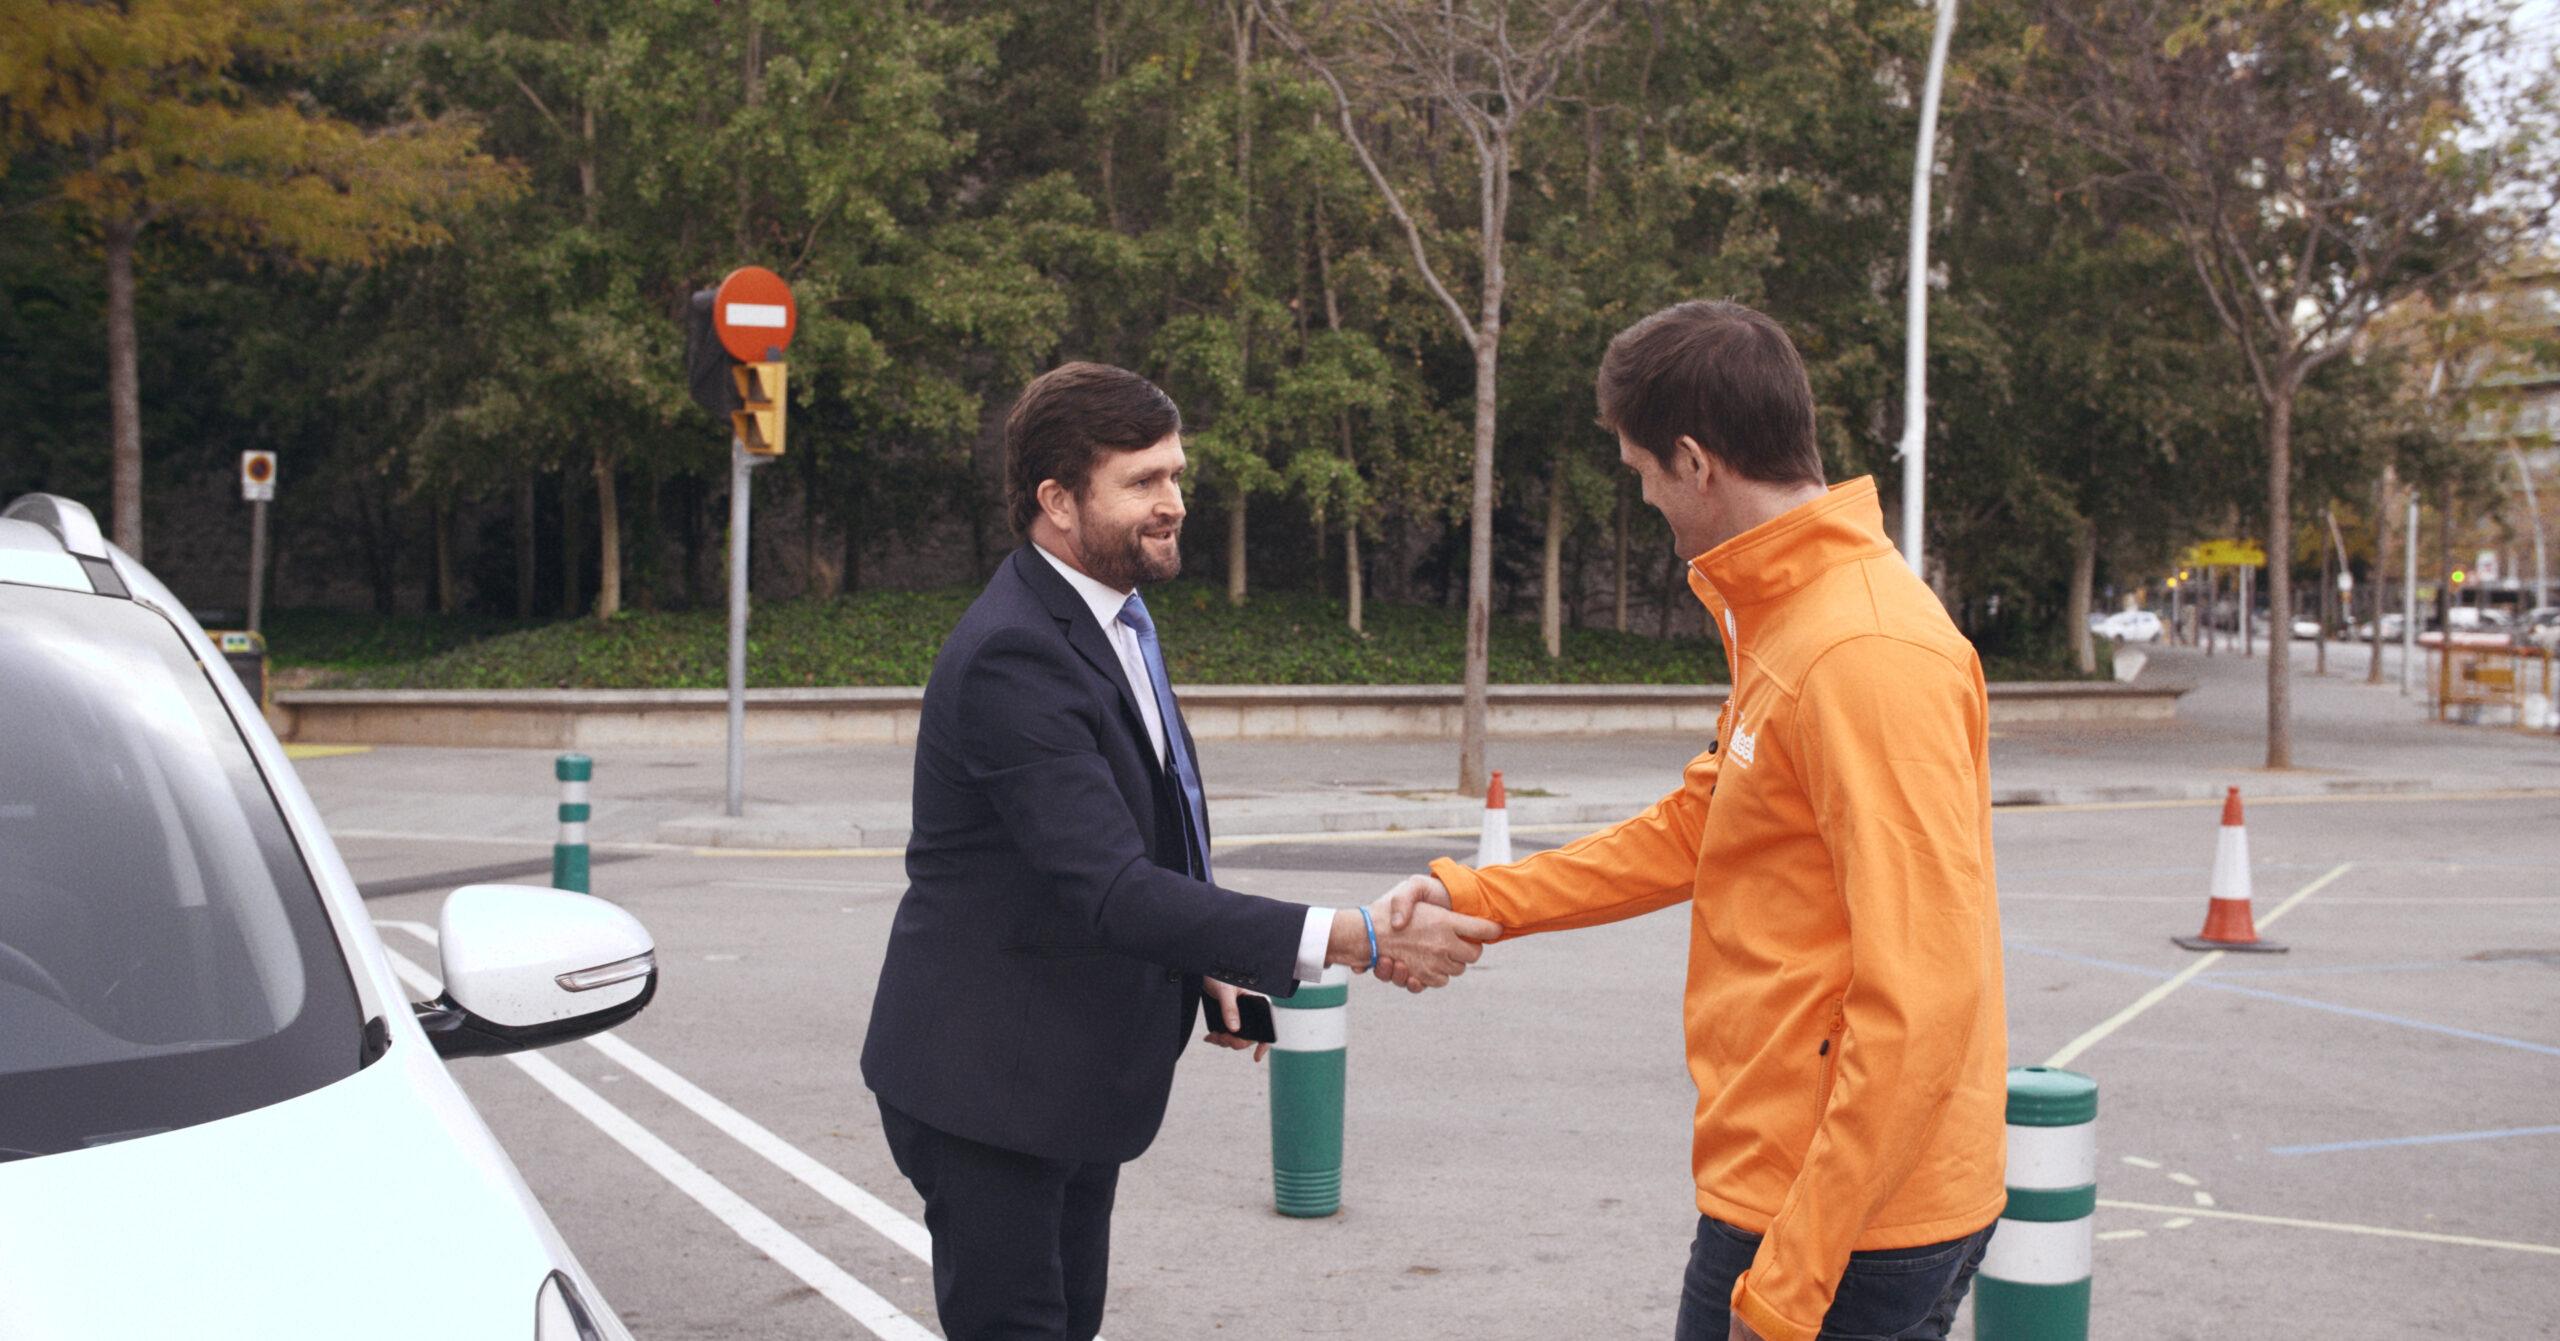 Valeet, la app española para aparcar que es un éxito en EEUU